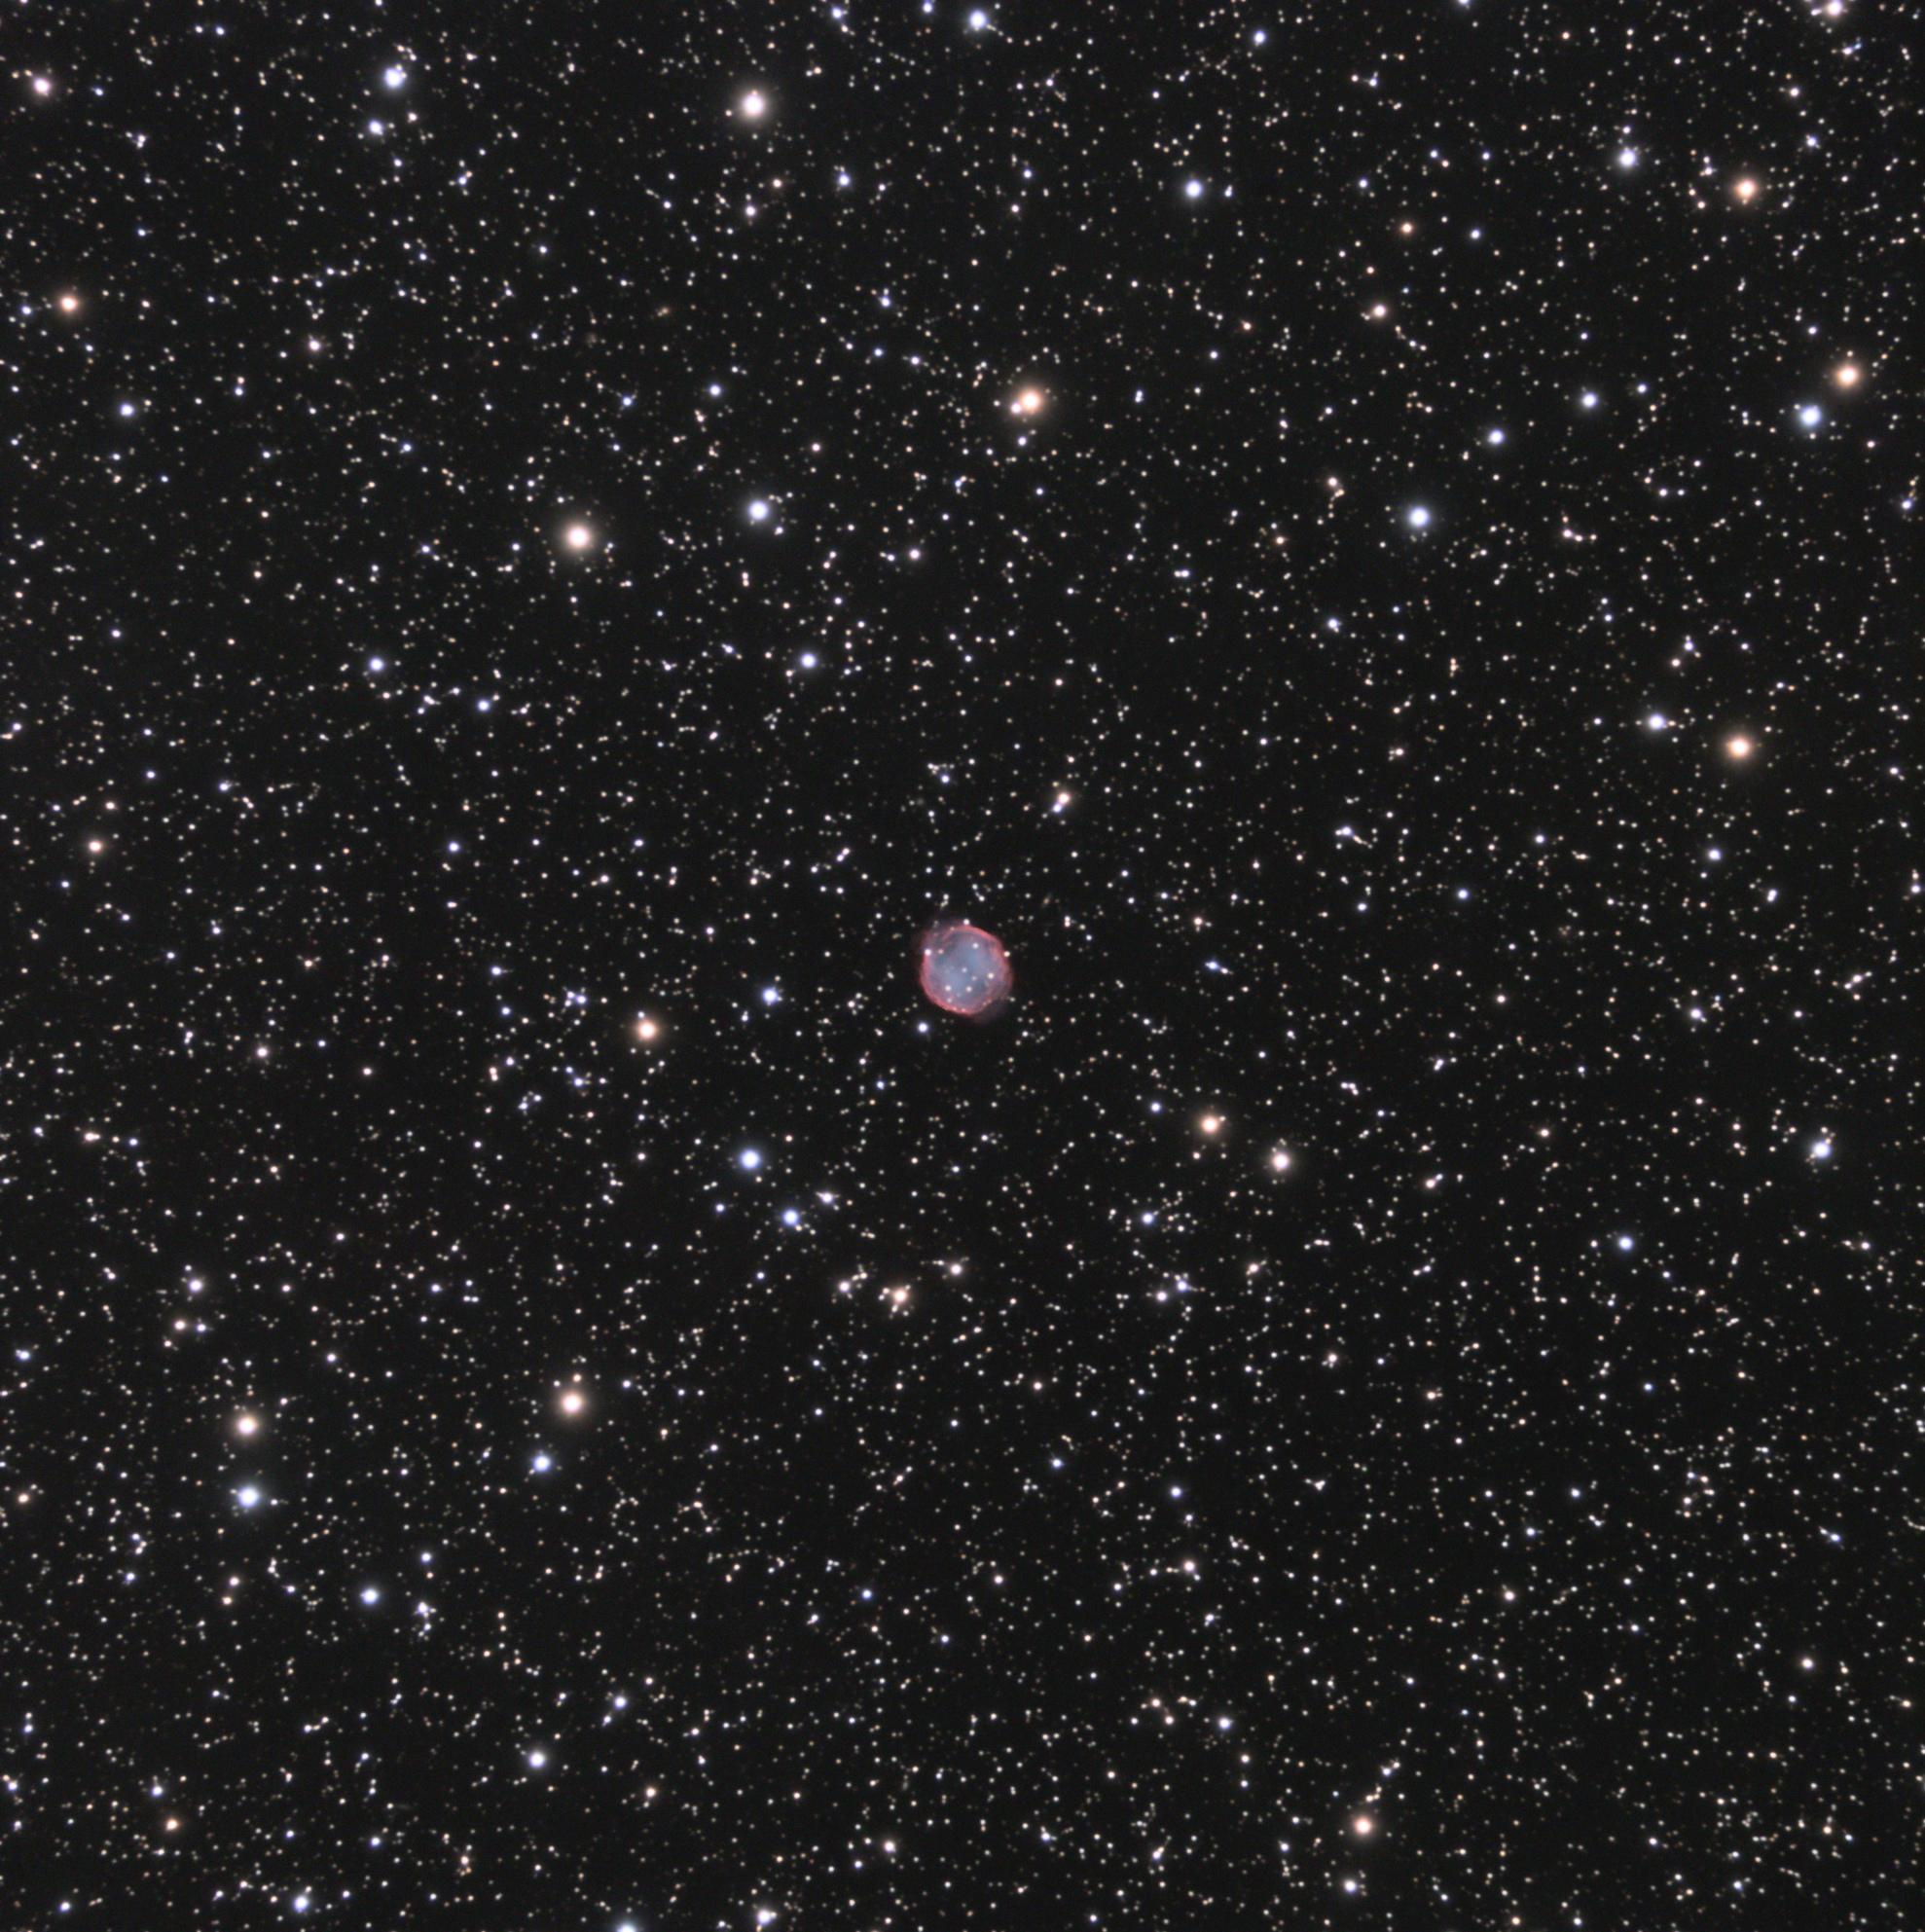 NGC7139.jpg.76565869ca0680a4ab52fb4b17ea1703.jpg